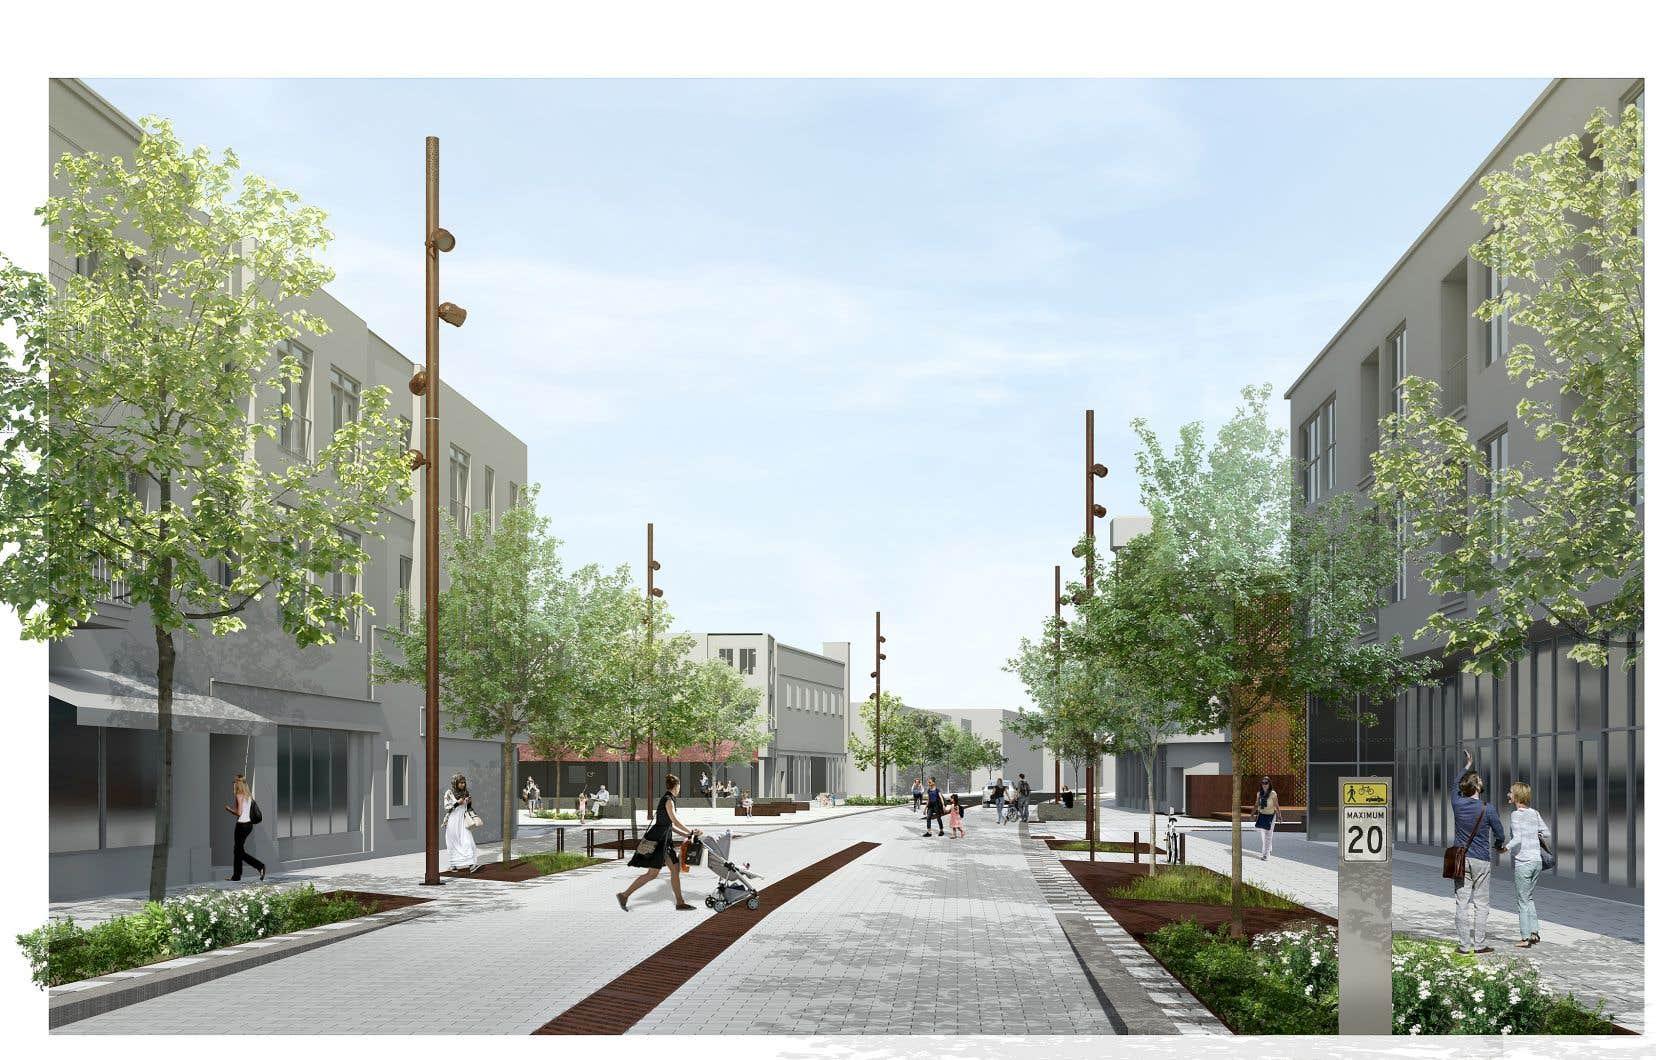 Le projet implique une réduction de la vitesse automobile à 20km/h rue Ontario, entre Nicolet et Bourbonnière, ainsi que sur l'avenue Valois, entre de Rouen et La Fontaine. Un temps d'adaptation sera nécessaire pour que la cohabitation entre les piétons, les cyclistes et les automobilistes devienne fluide.